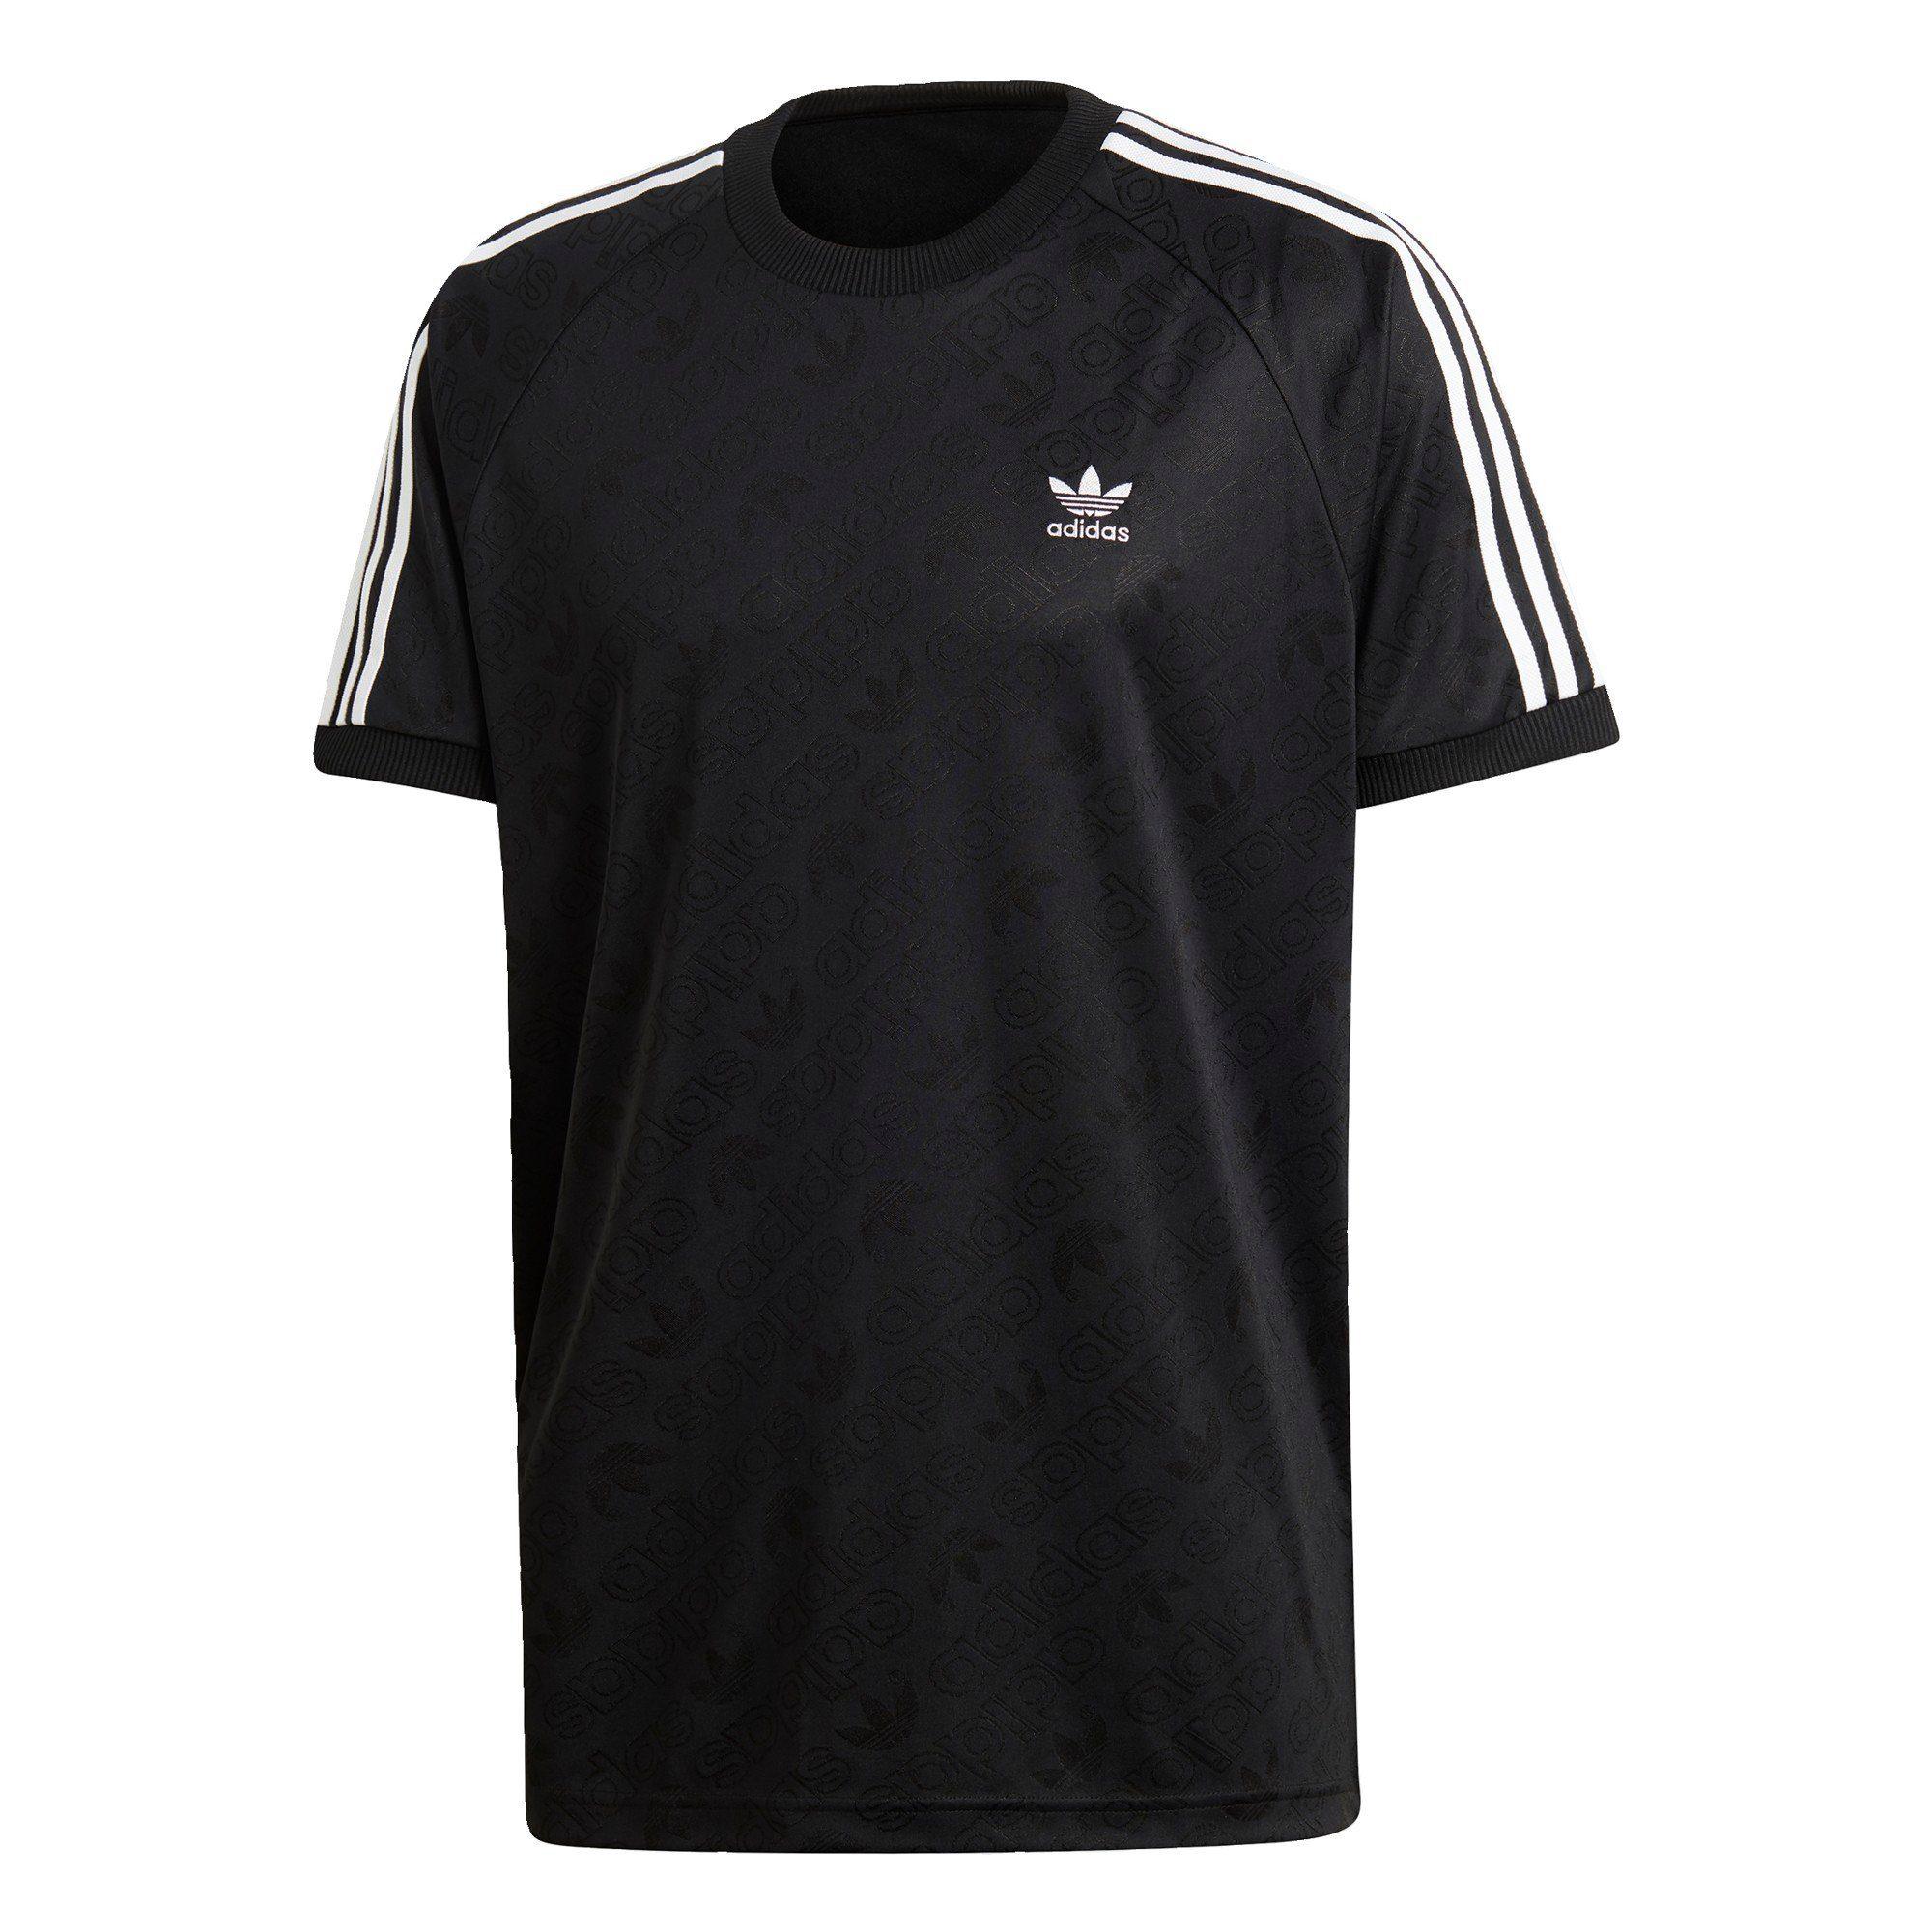 adidas Originals T Shirt »Monogram Jersey« Graphics online kaufen | OTTO